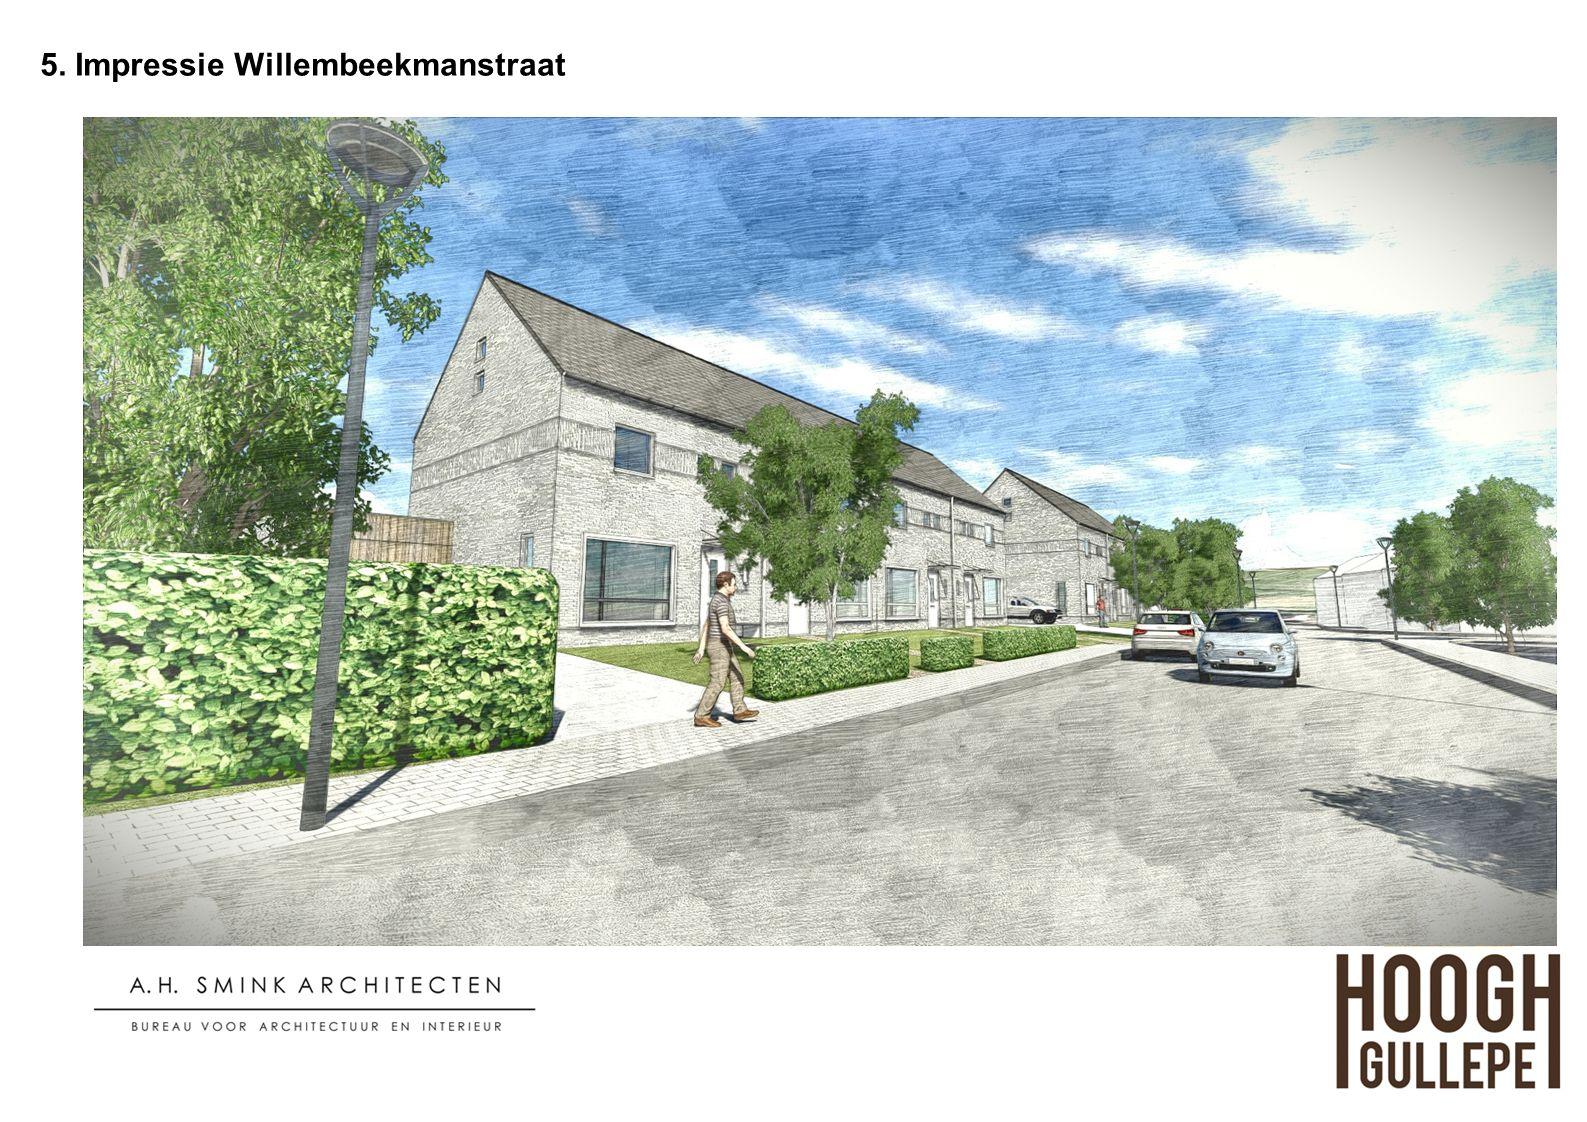 5. Impressie Willembeekmanstraat